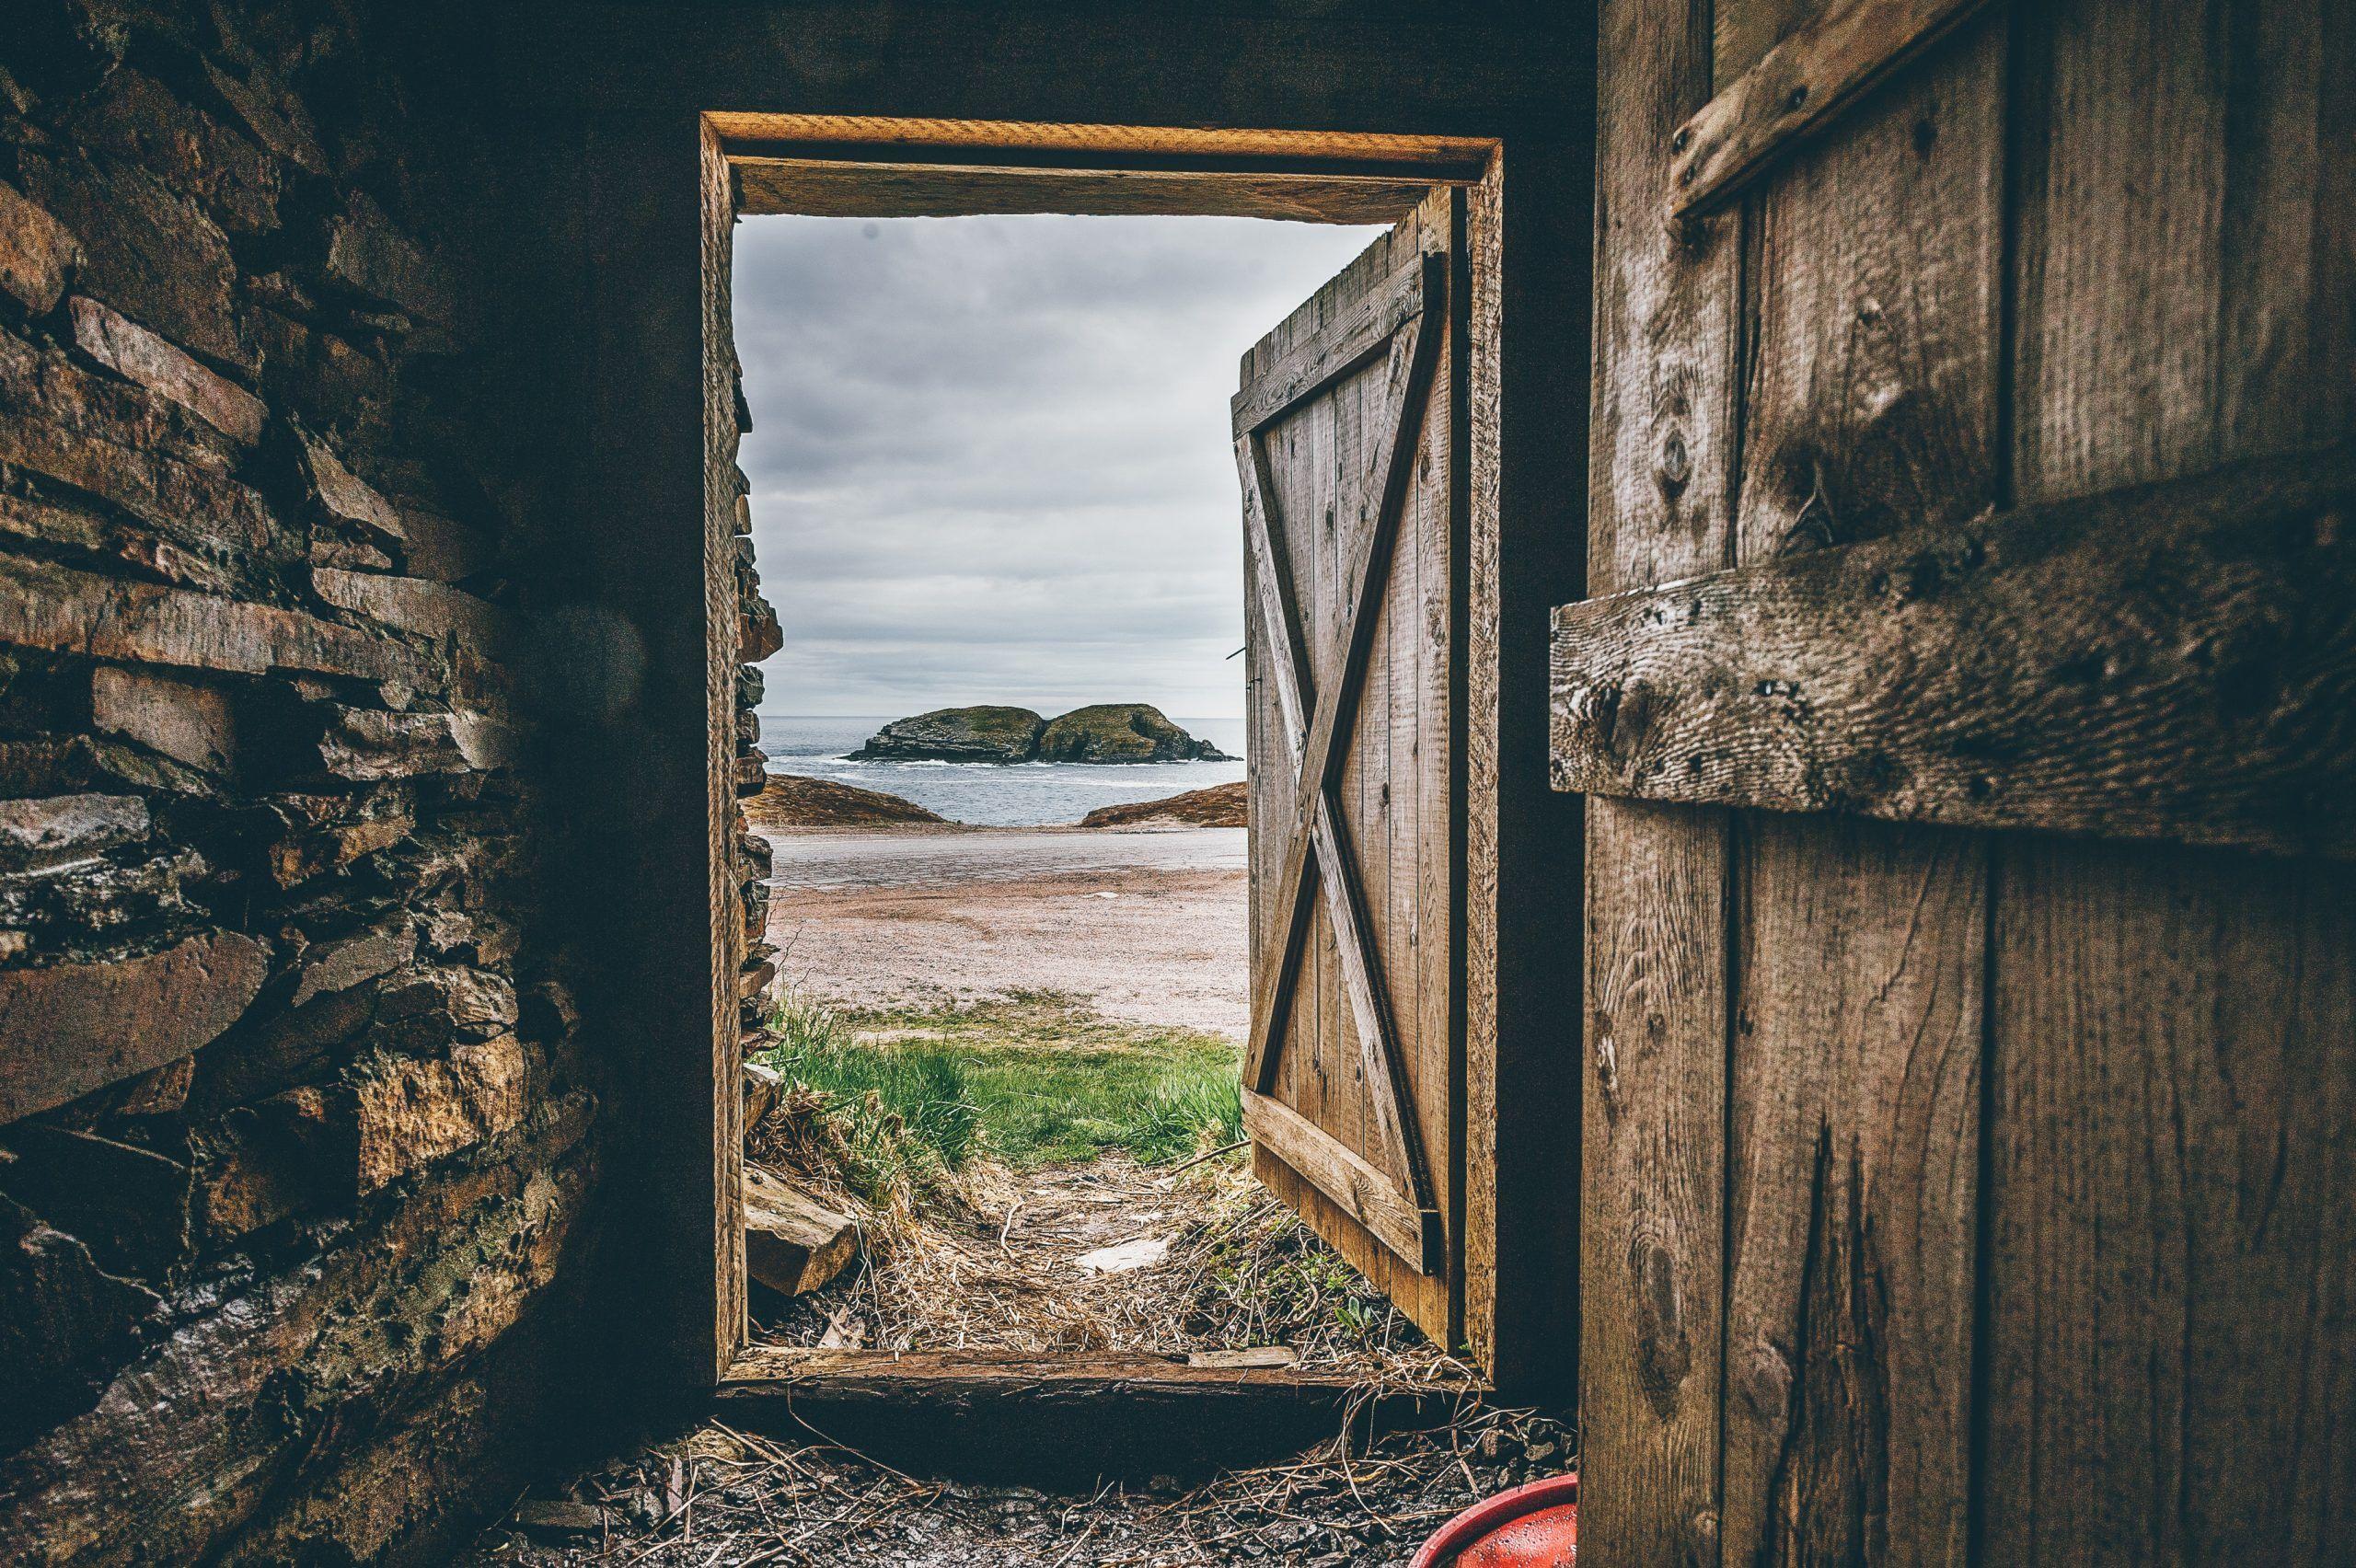 La puerta de mis ilusiones